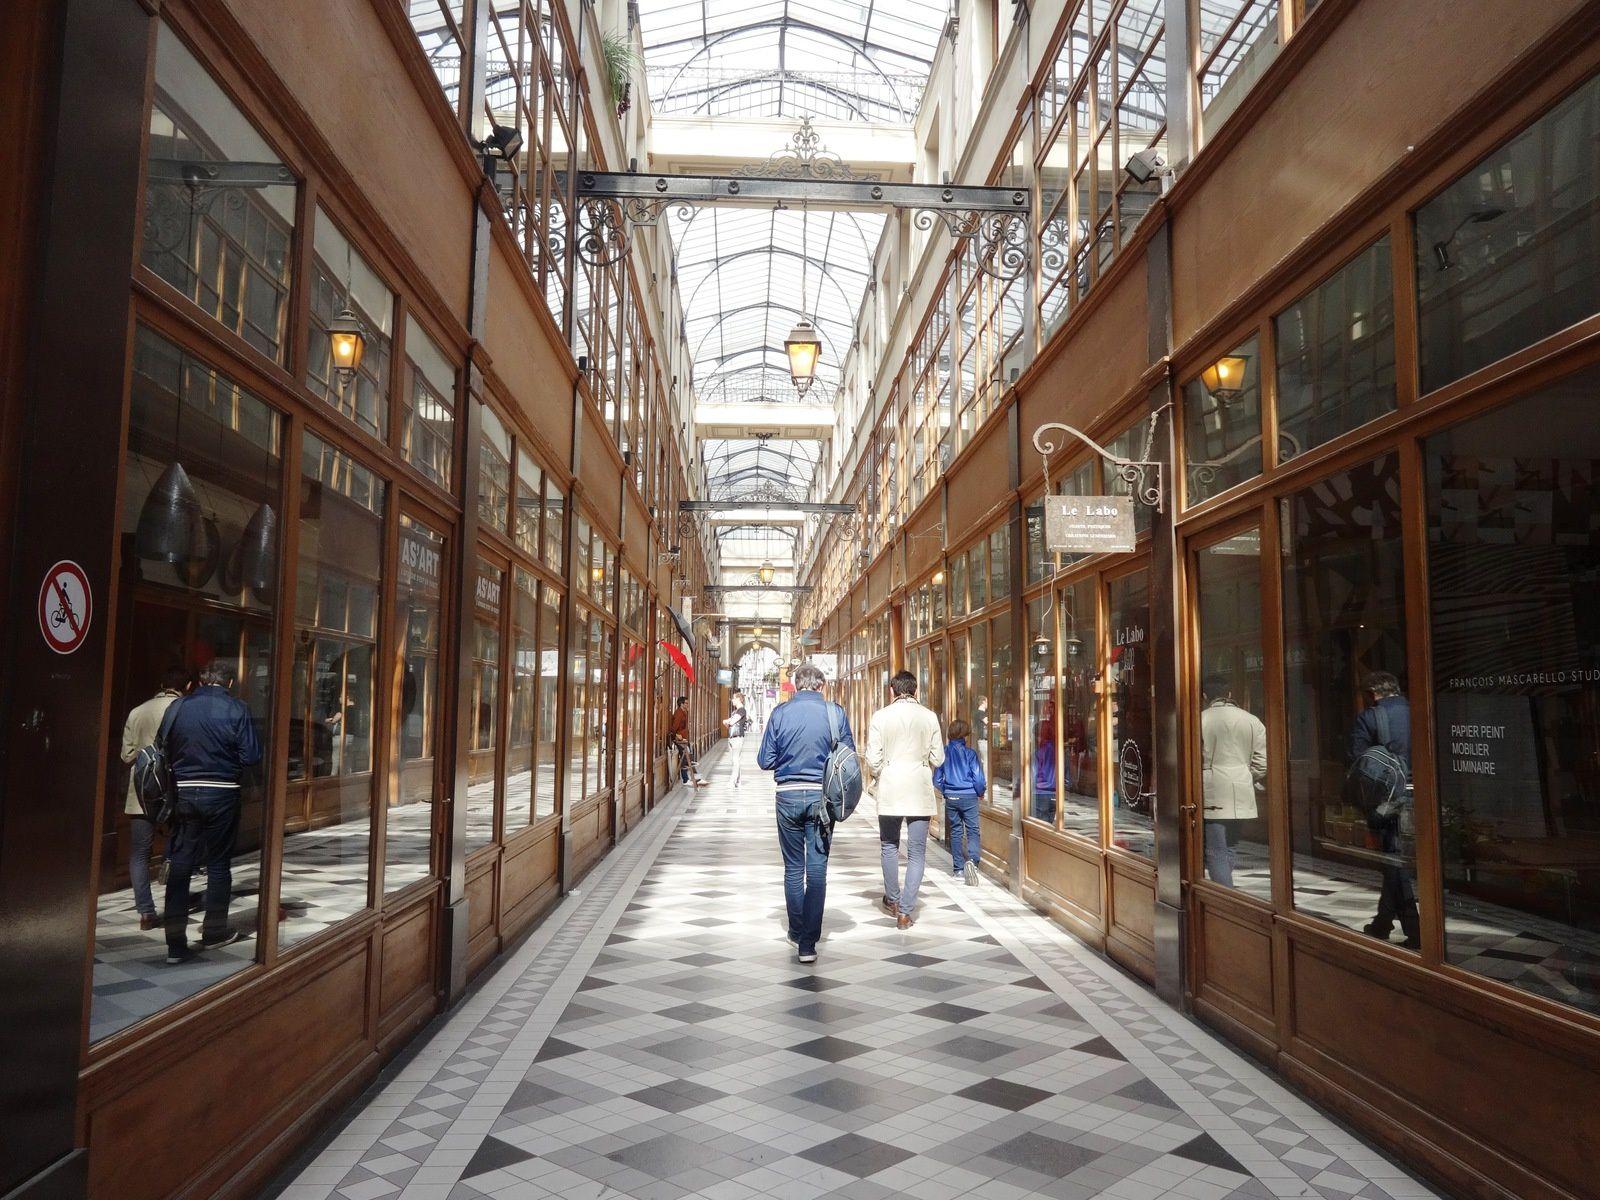 Un petit bijou parisien : le Passage couvert du Grand Cerf, dans le  2ème arrondissement